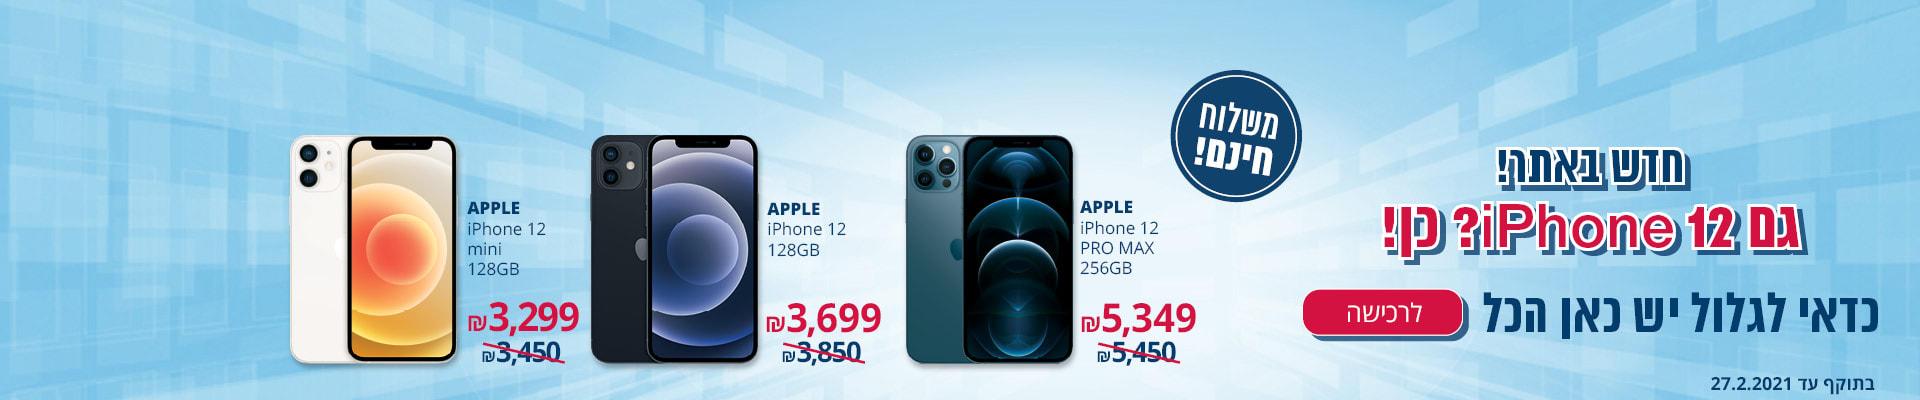 חדש באתר! גם מכשירי IPHONE 12 ? כן! לקנות מכל העולמות APPLE IPHONE 12 PRO MAX 256GB 5349 ₪ ,128GB APPLE IPHONE 12 3699 ₪ , APPLE IPHONE 12 MINI 128GB 3299 ₪ , משלוח חינם בתוקף עד 27.2.2021